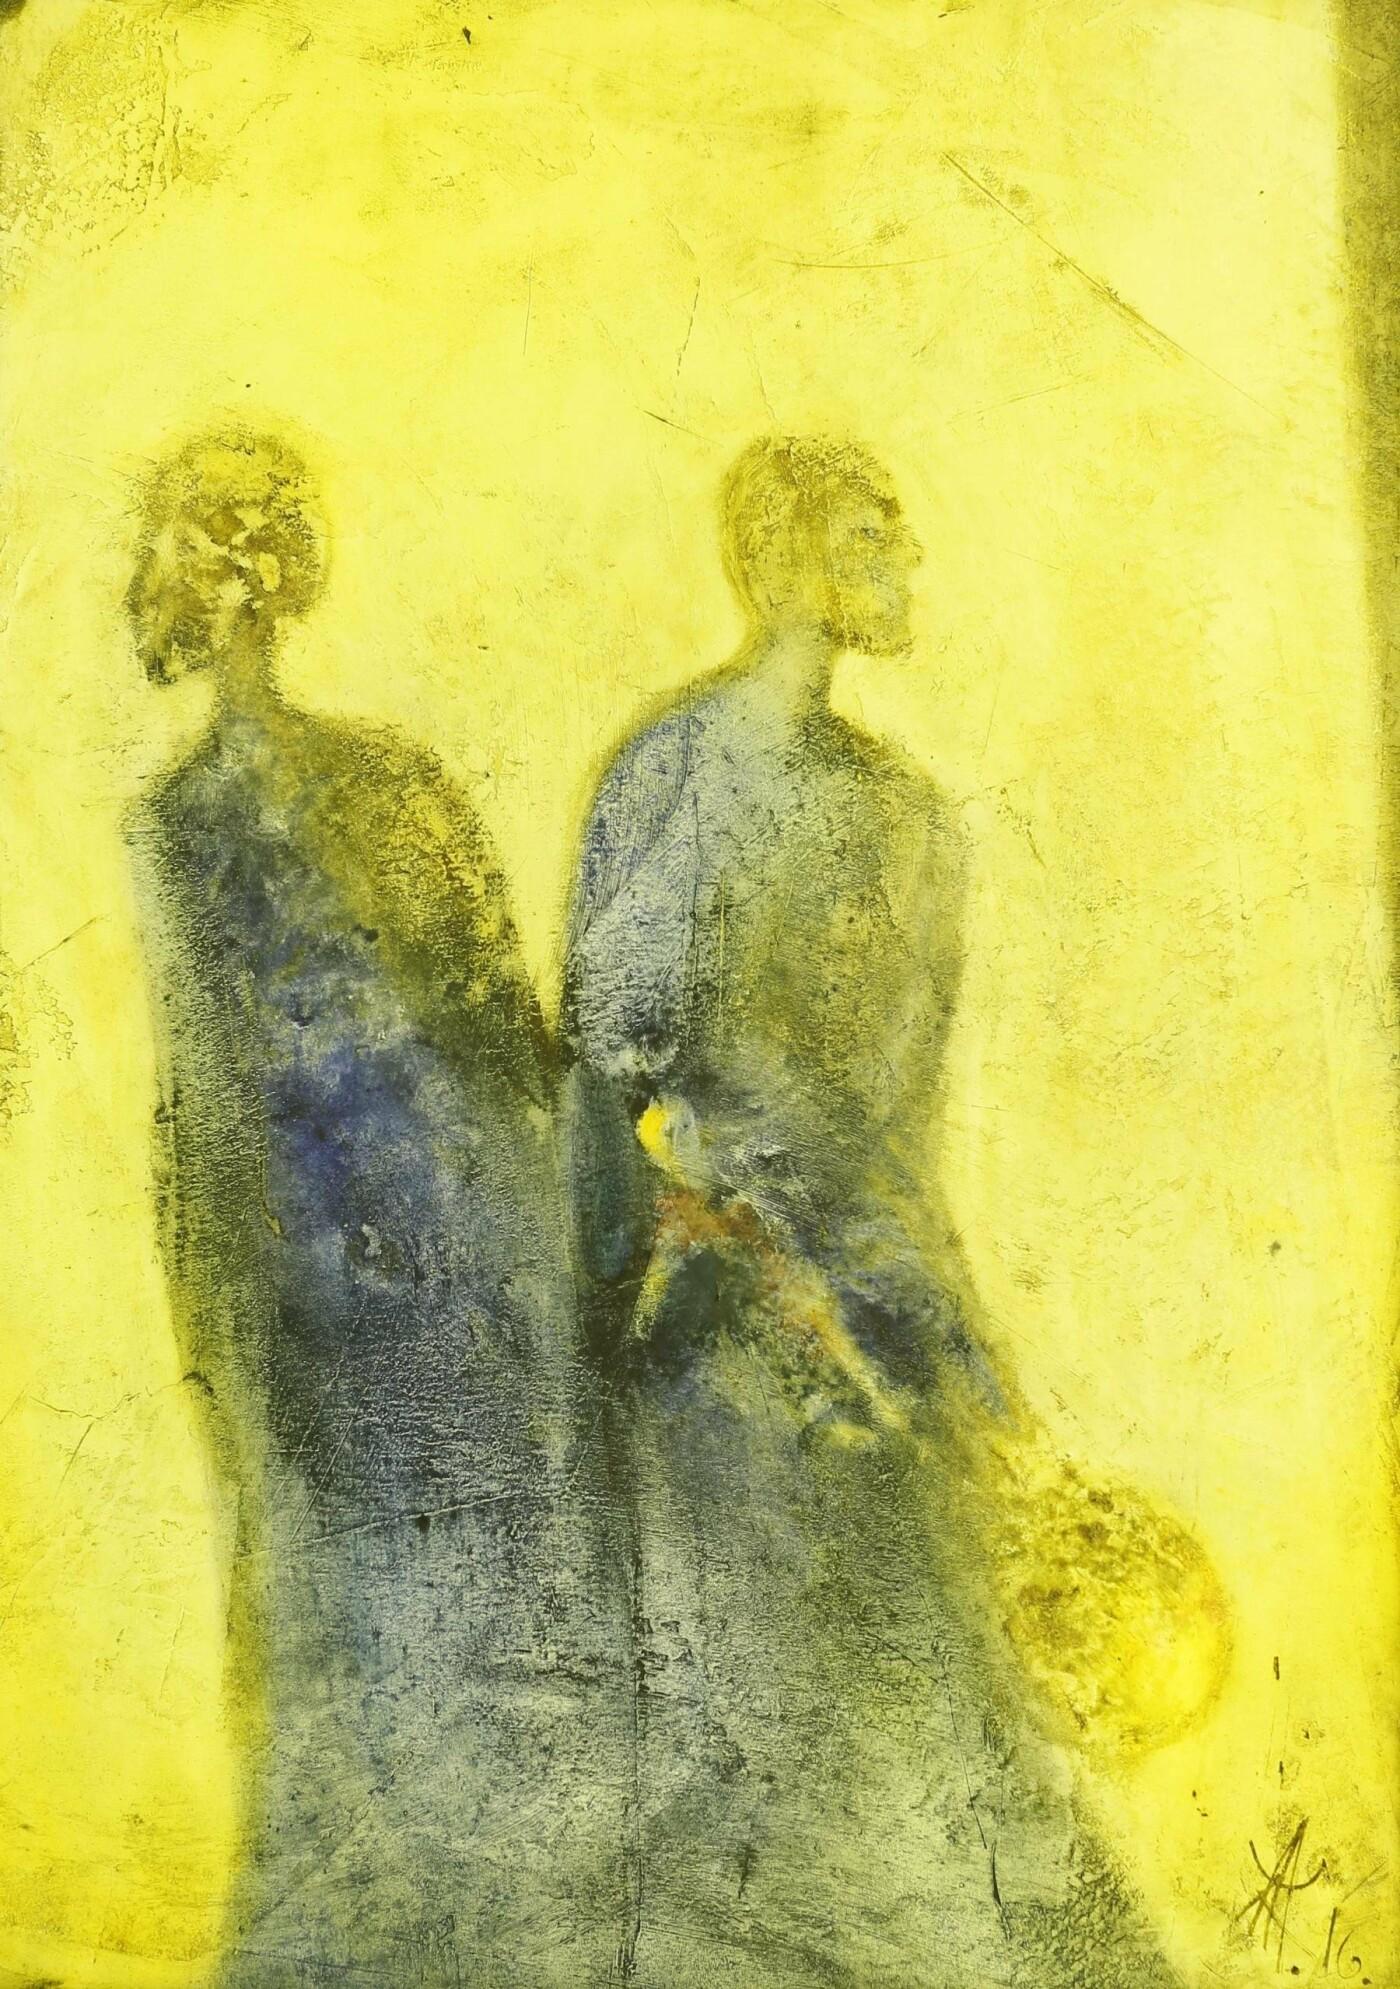 22 декабря в Пскове откроется выставка «#ЧАСТЬМЕНЯ» в галерее «ЦЕХ» , фото-2